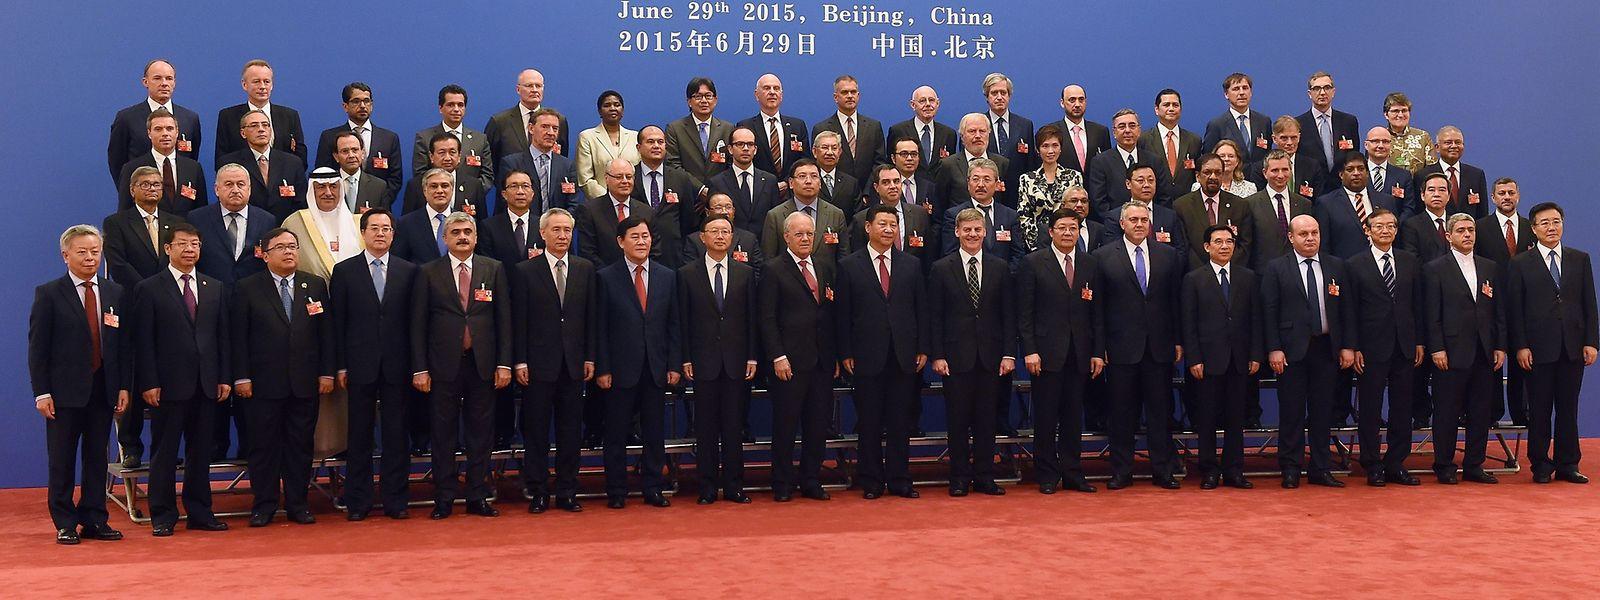 Am 29. Juni 2015 haben Vertreter von mehr als 50 Staaten die Gründungsurkunde der asiatischen Infrastruktur-Investmentbank unterzeichnet.